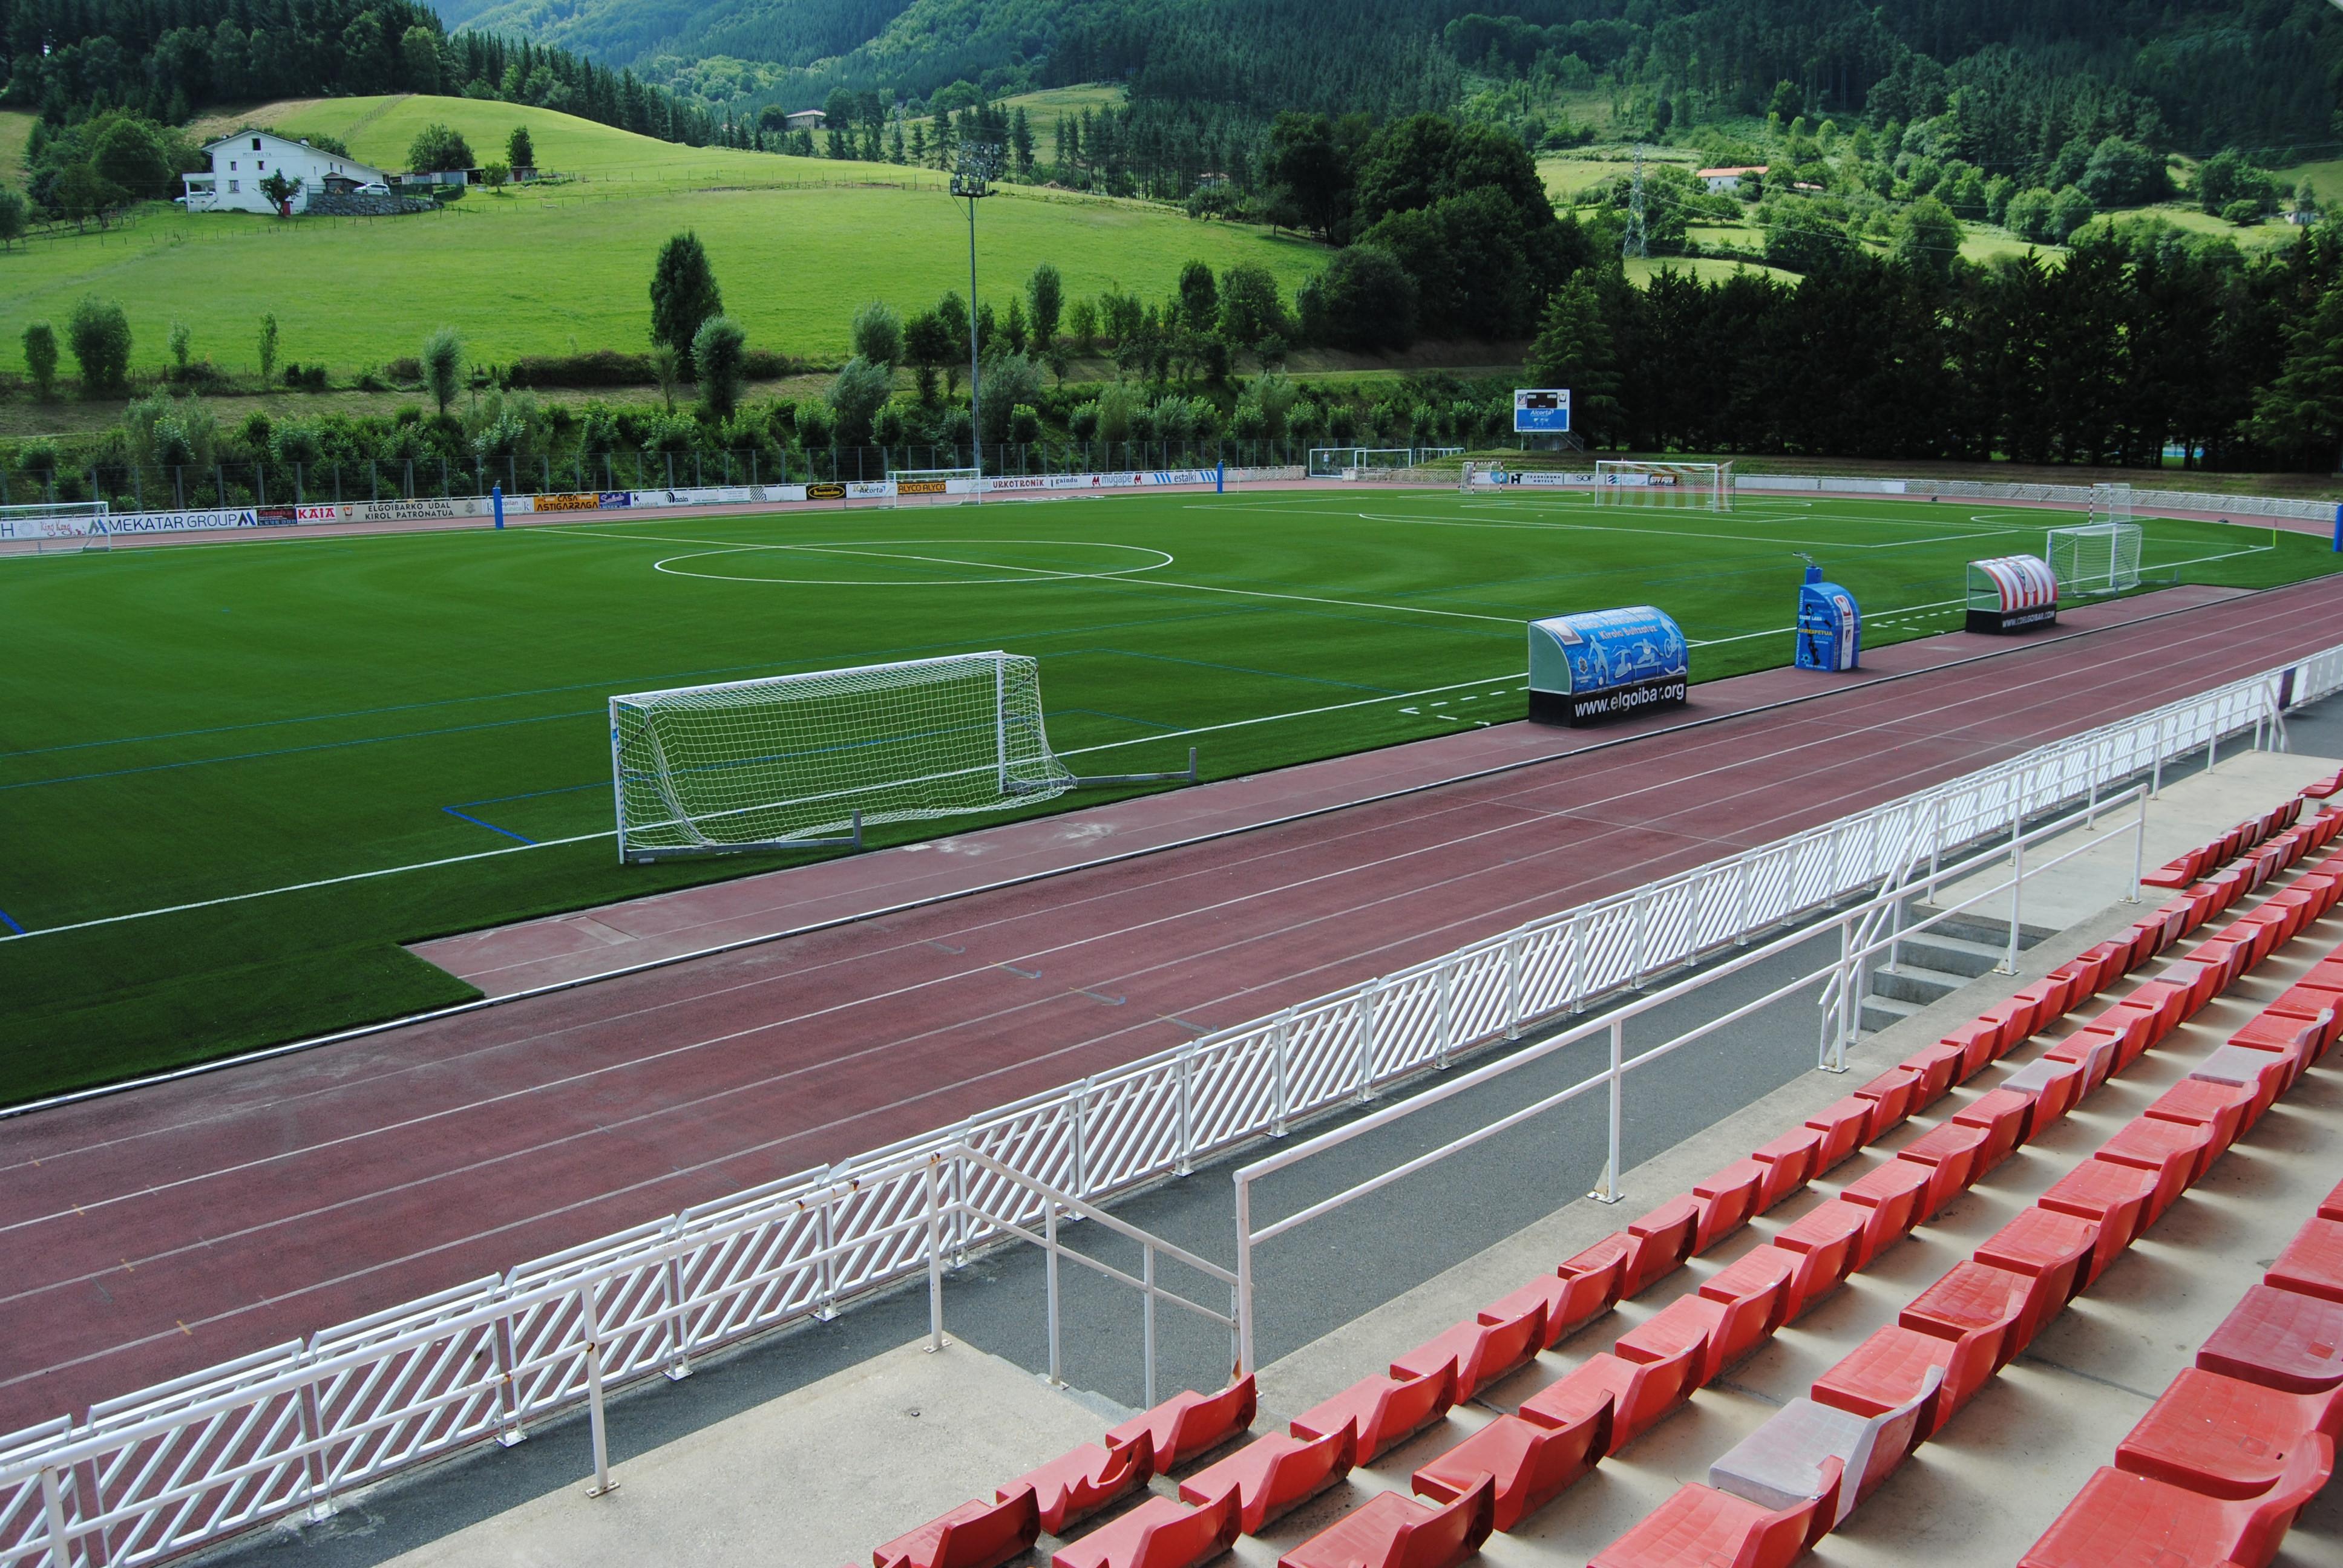 Campo de Fútbol de Mintxeta, Elgoibar, Guipuzcoa Image